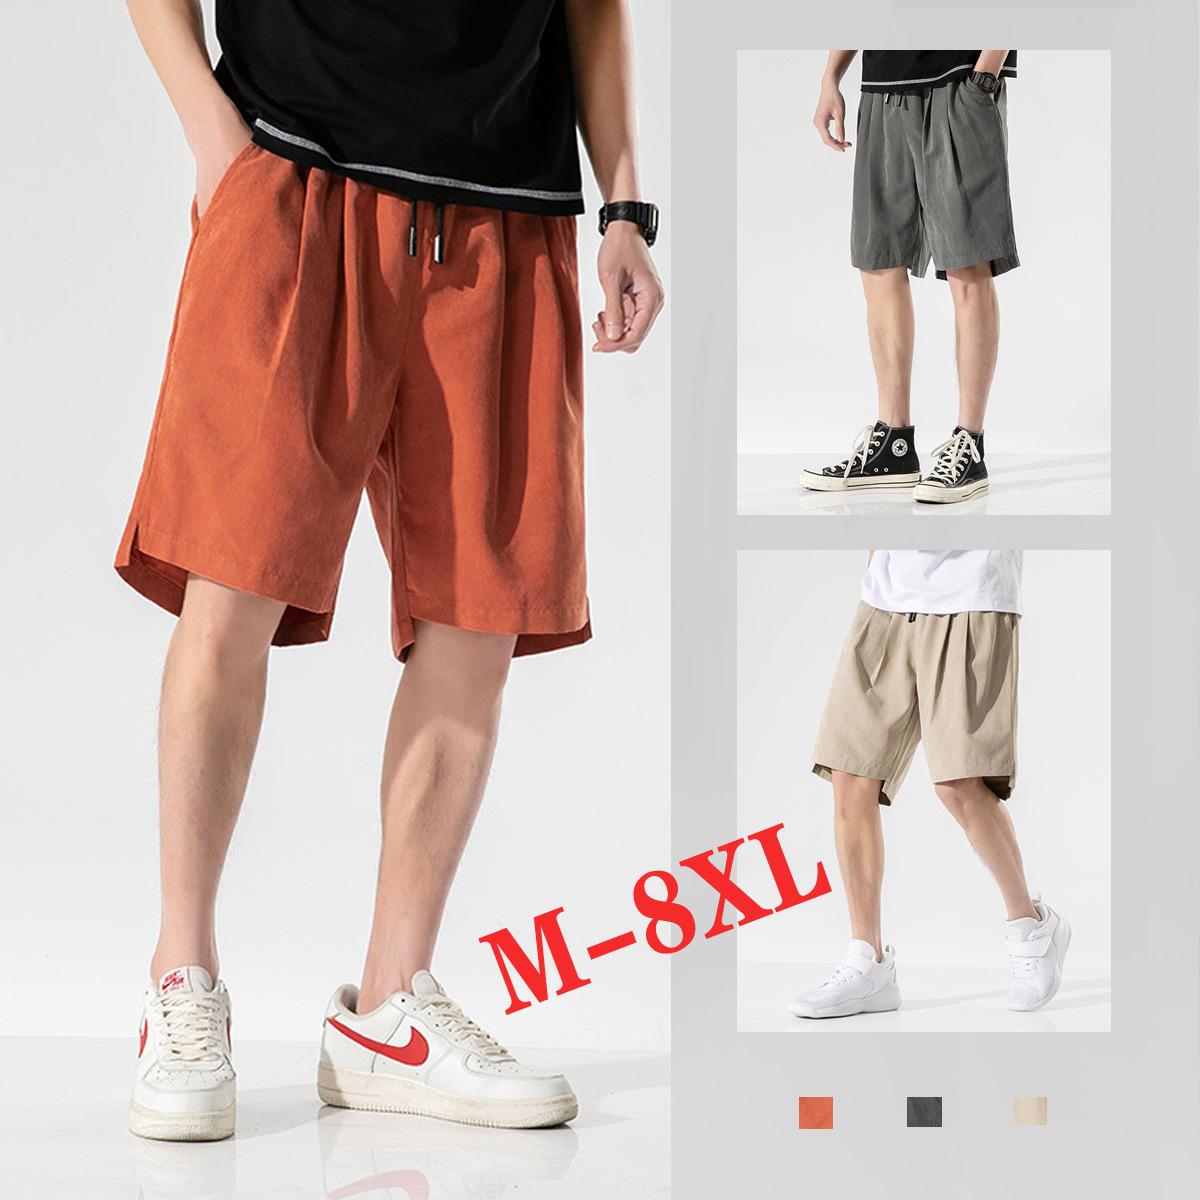 男士短裤休闲潮牌宽松韩版潮流夏季运动纯色沙滩裤薄款外穿五分裤